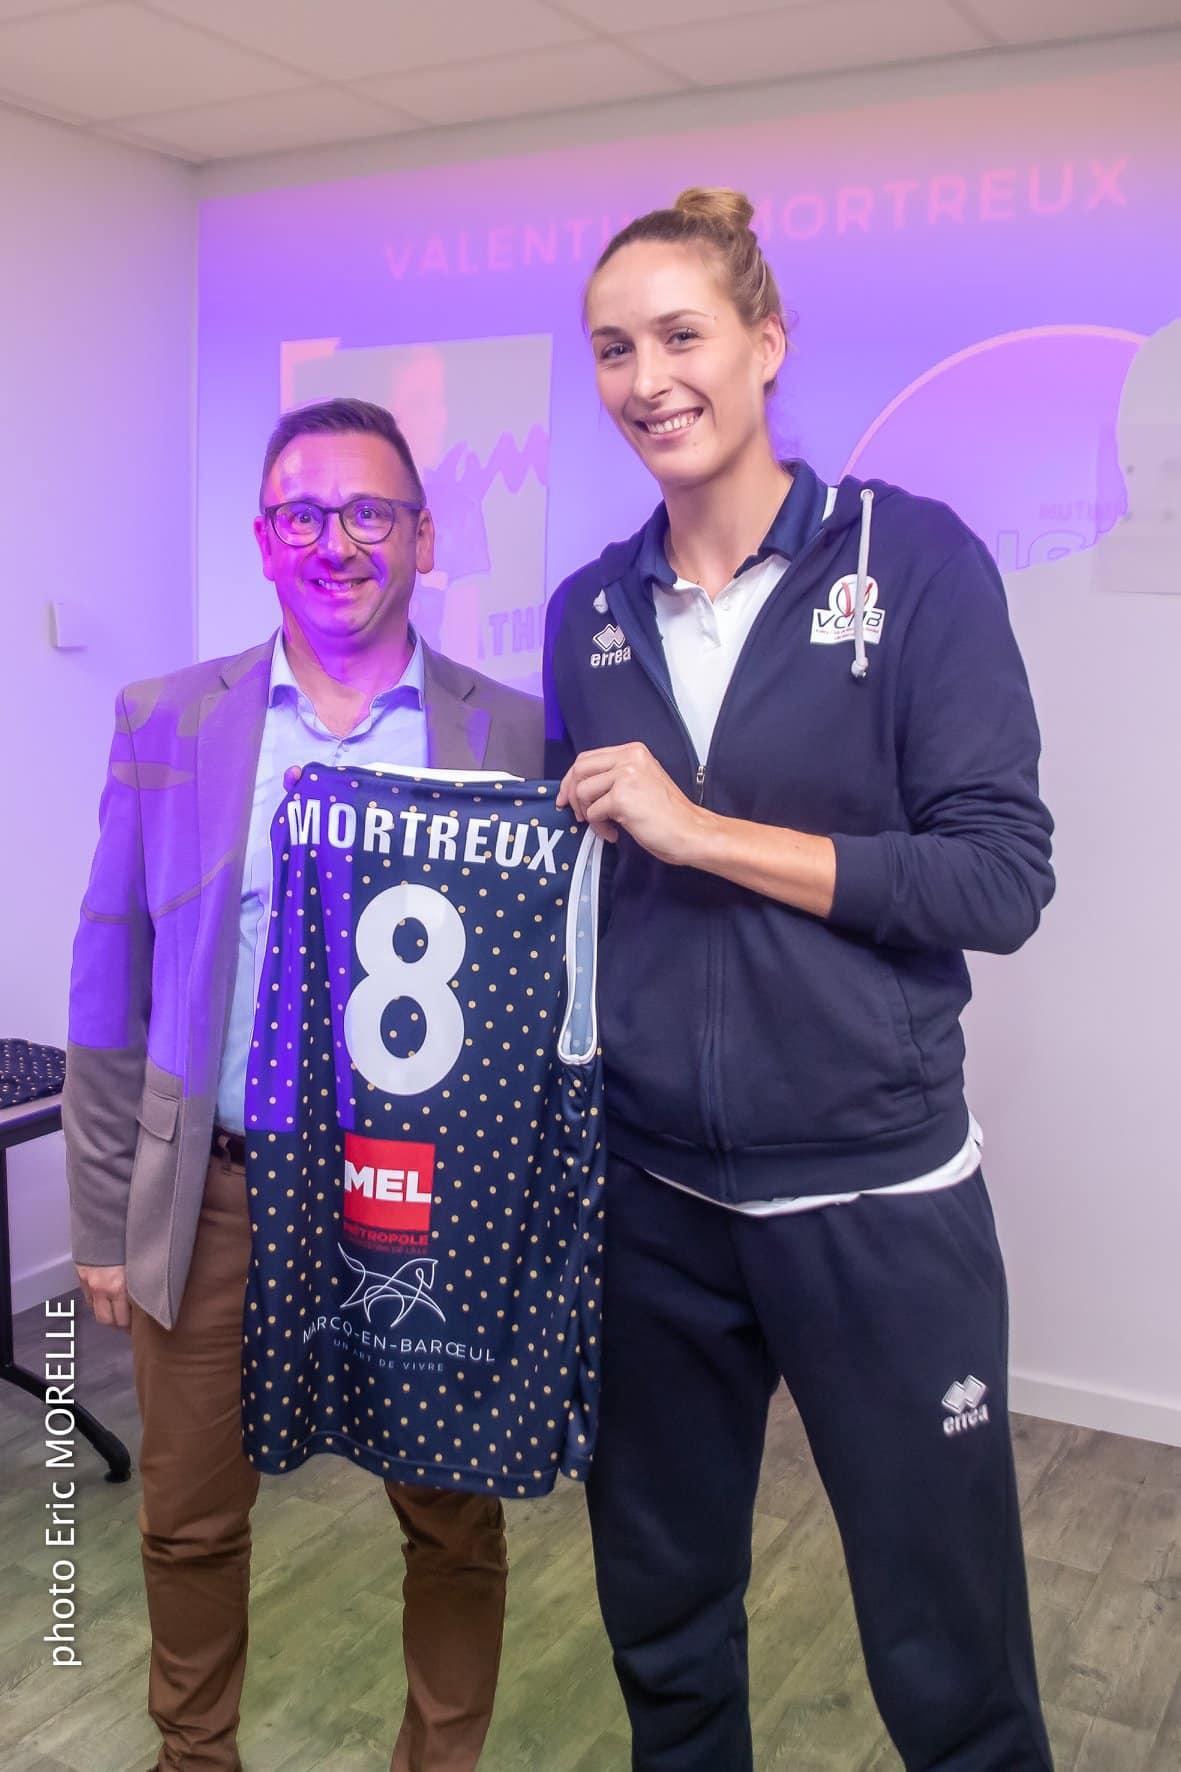 maillot-volley-LAF-2019-2020-VCMB-LM-errea-3